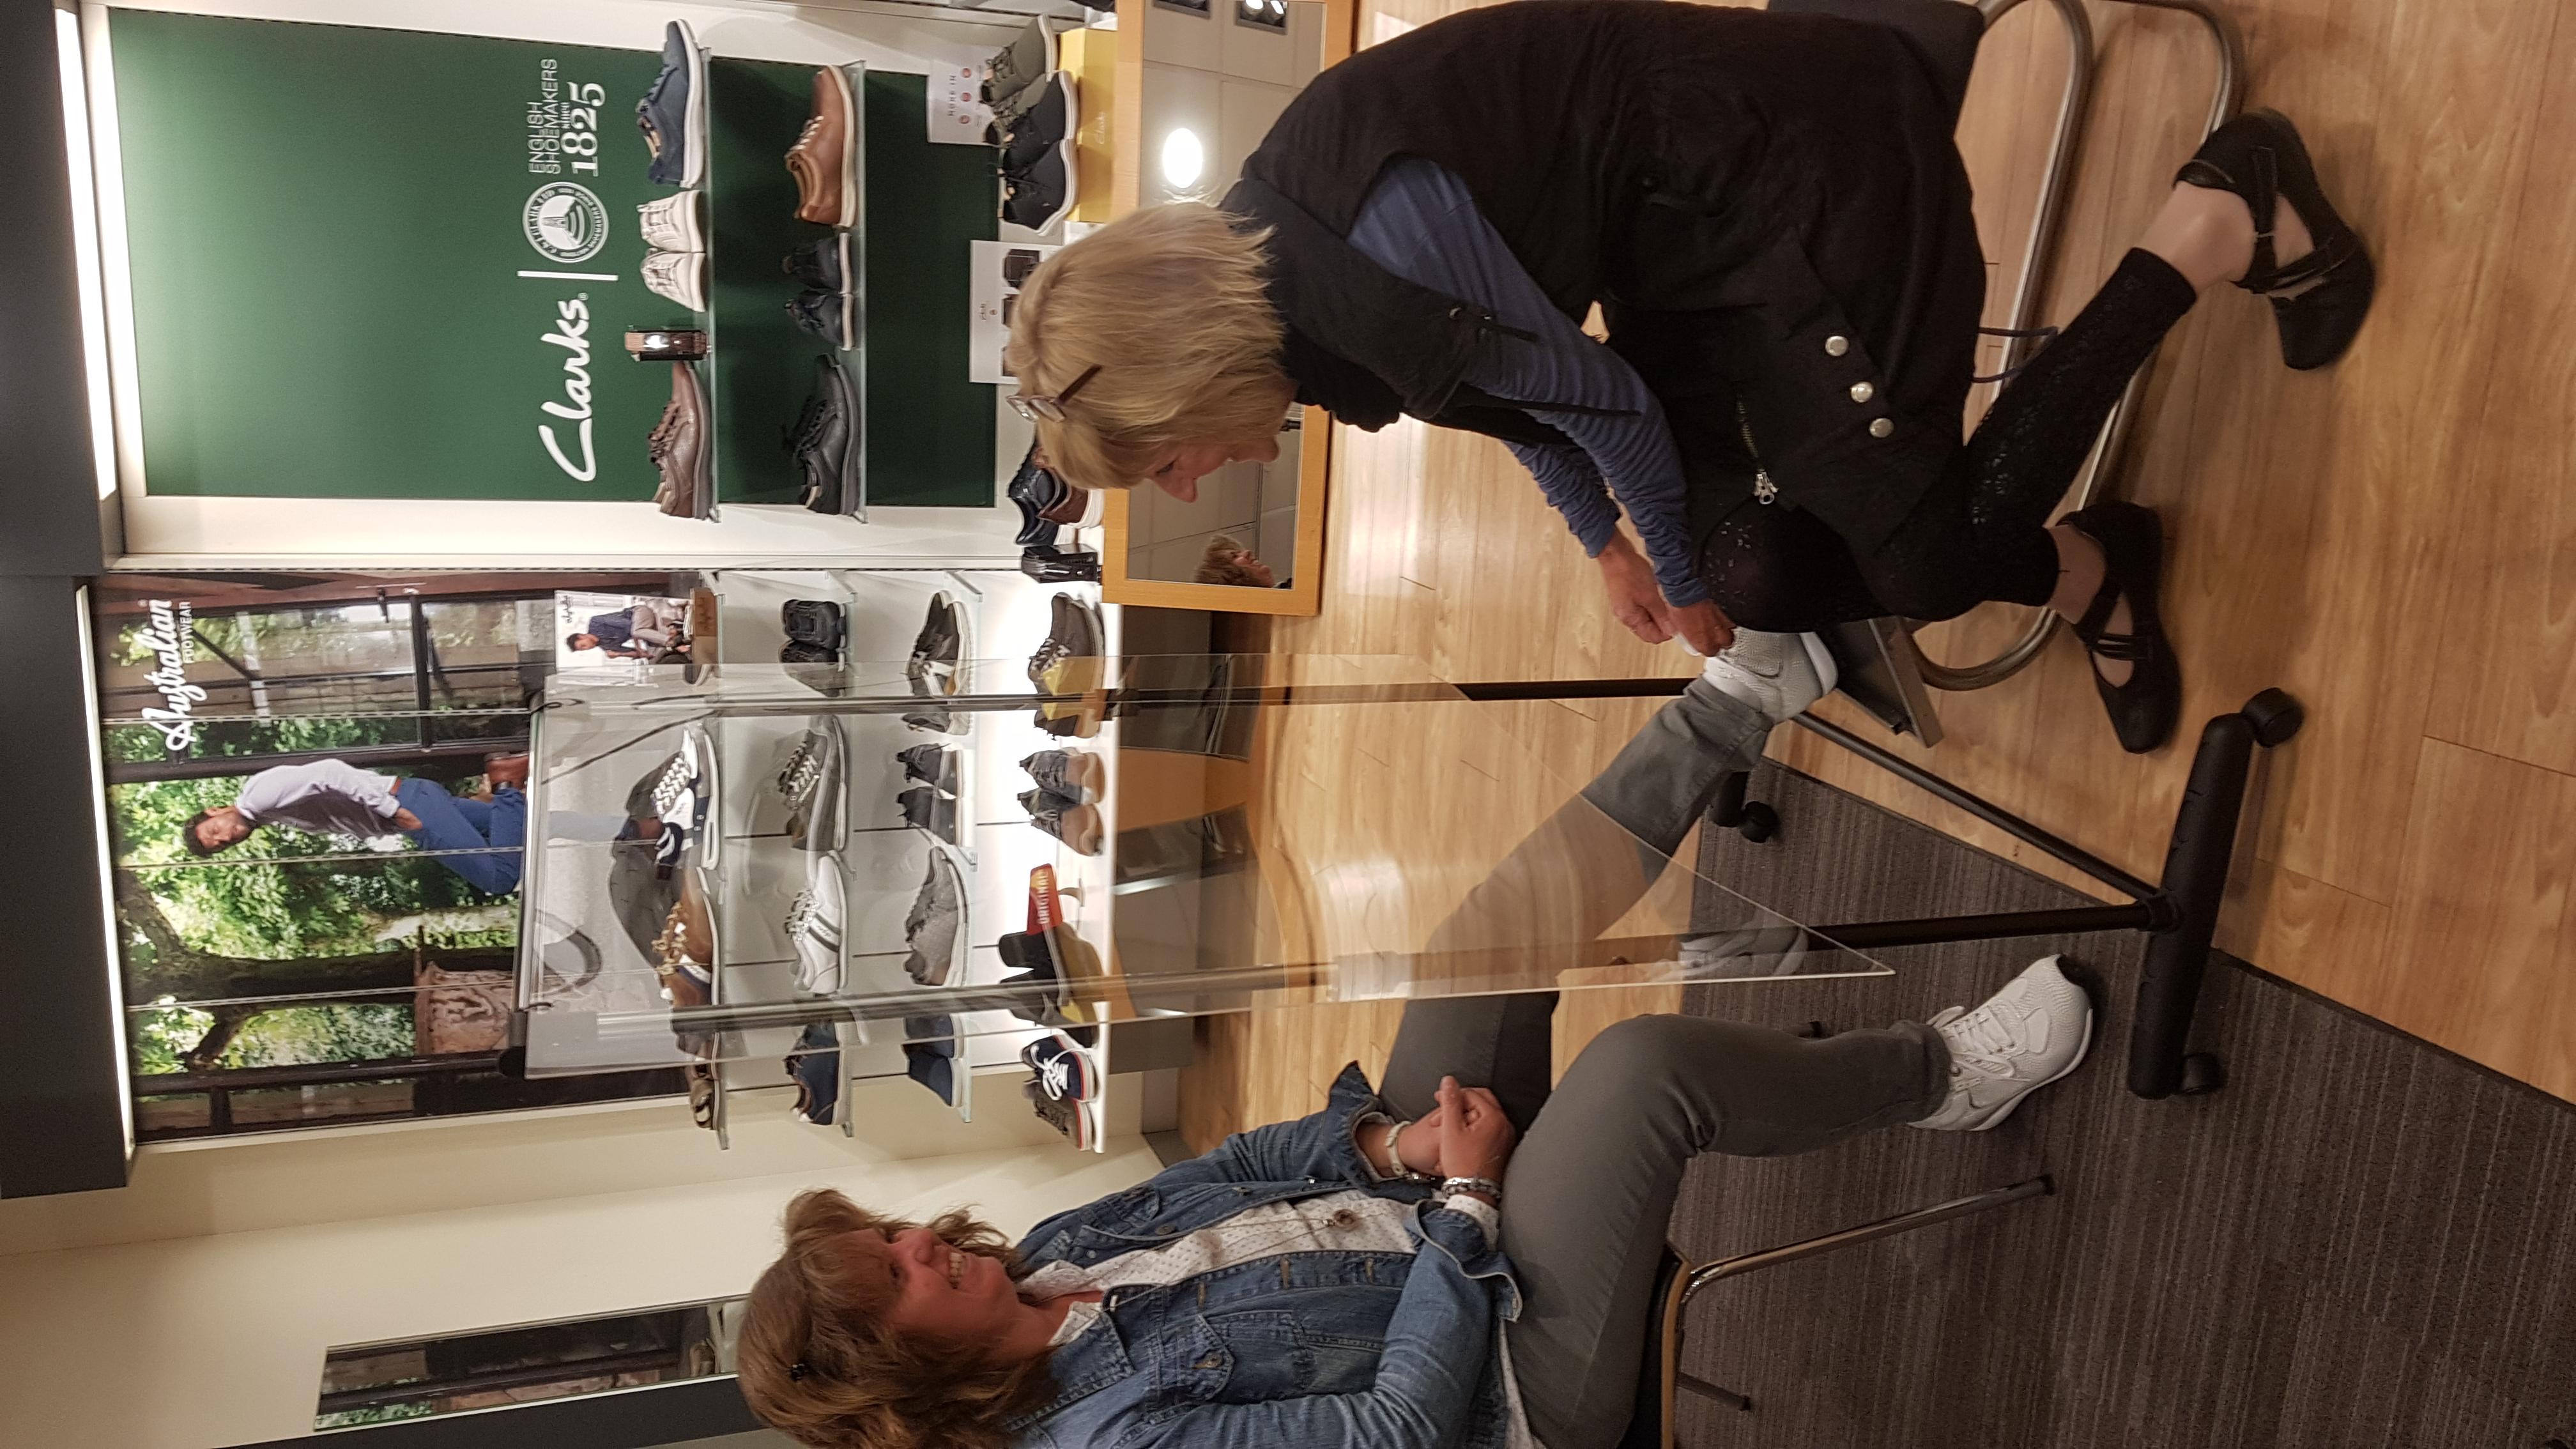 meijerink-schoenen-corona-maatrege;en